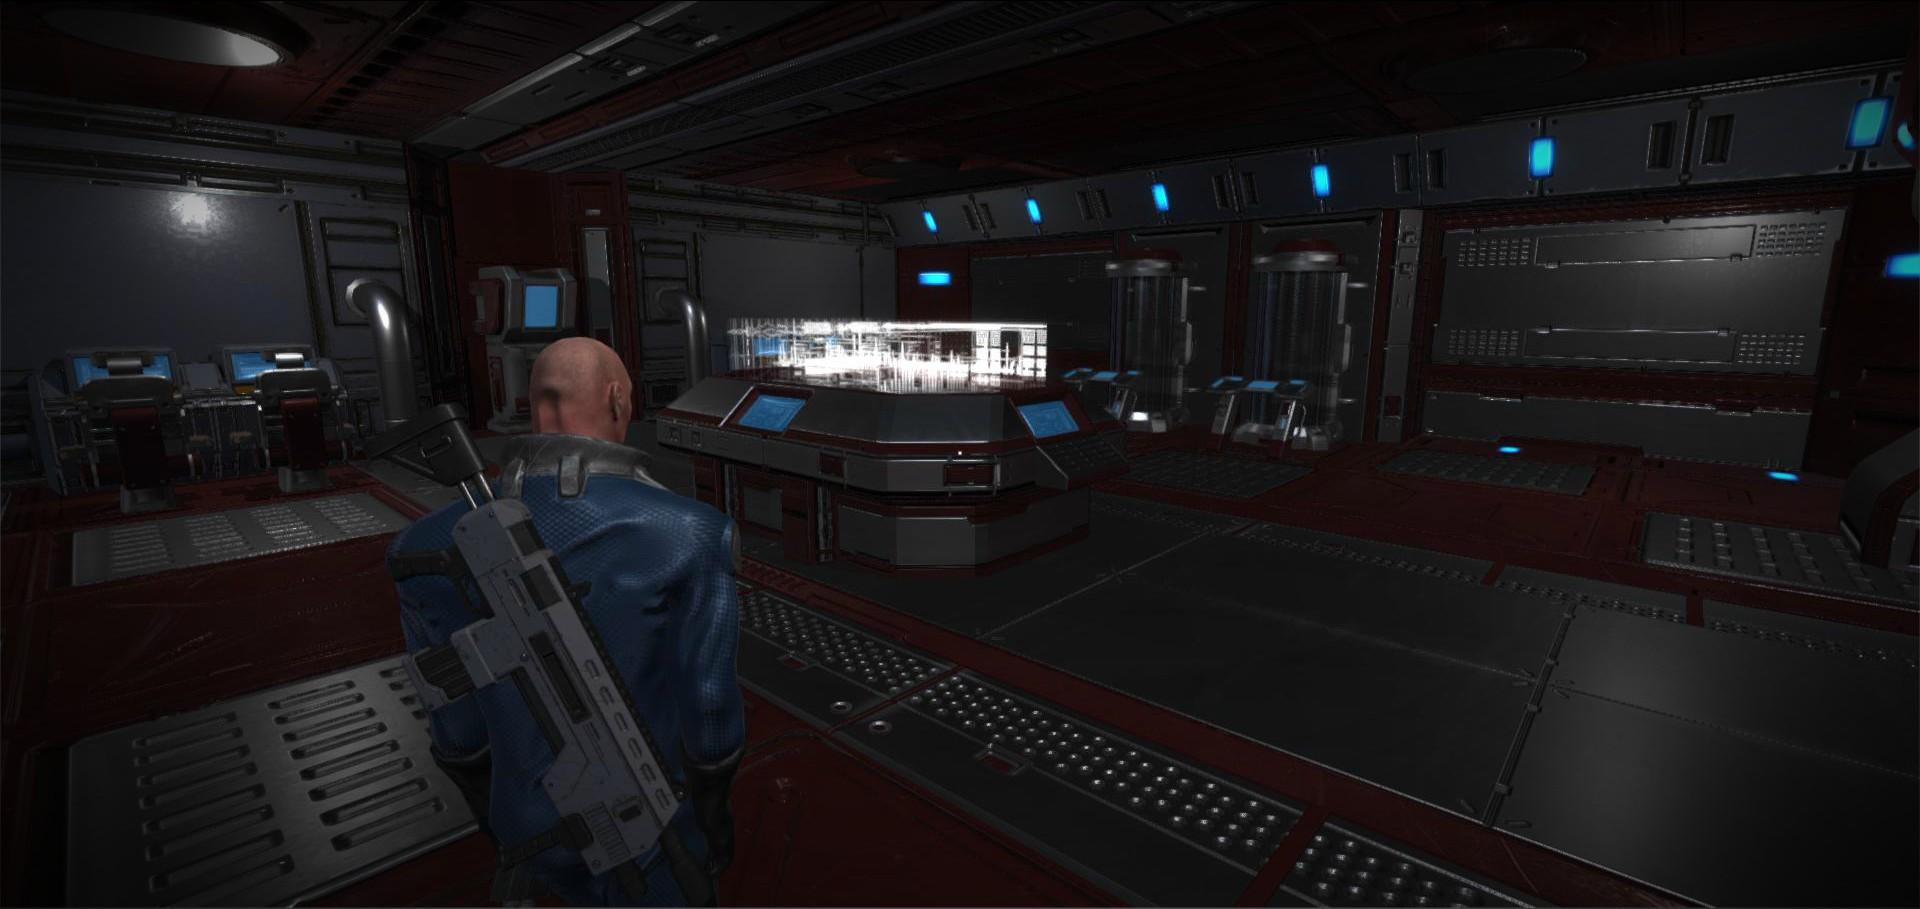 太空之旅游戏图片欣赏